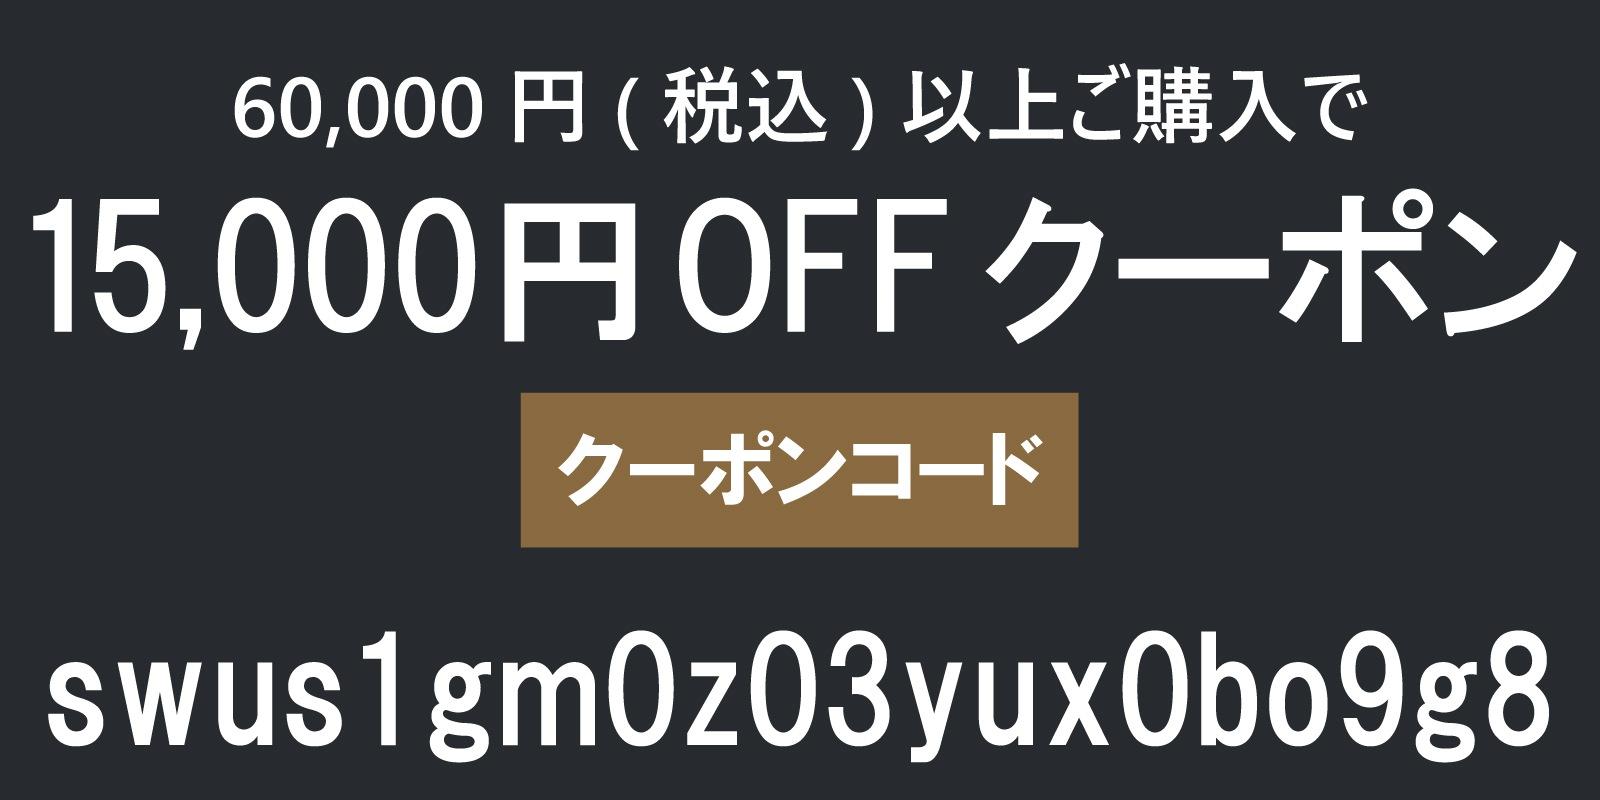 ★6万円以上お買い物に、今すぐクーポンご利用頂けます★【20fvvusjzgw76icyhail】